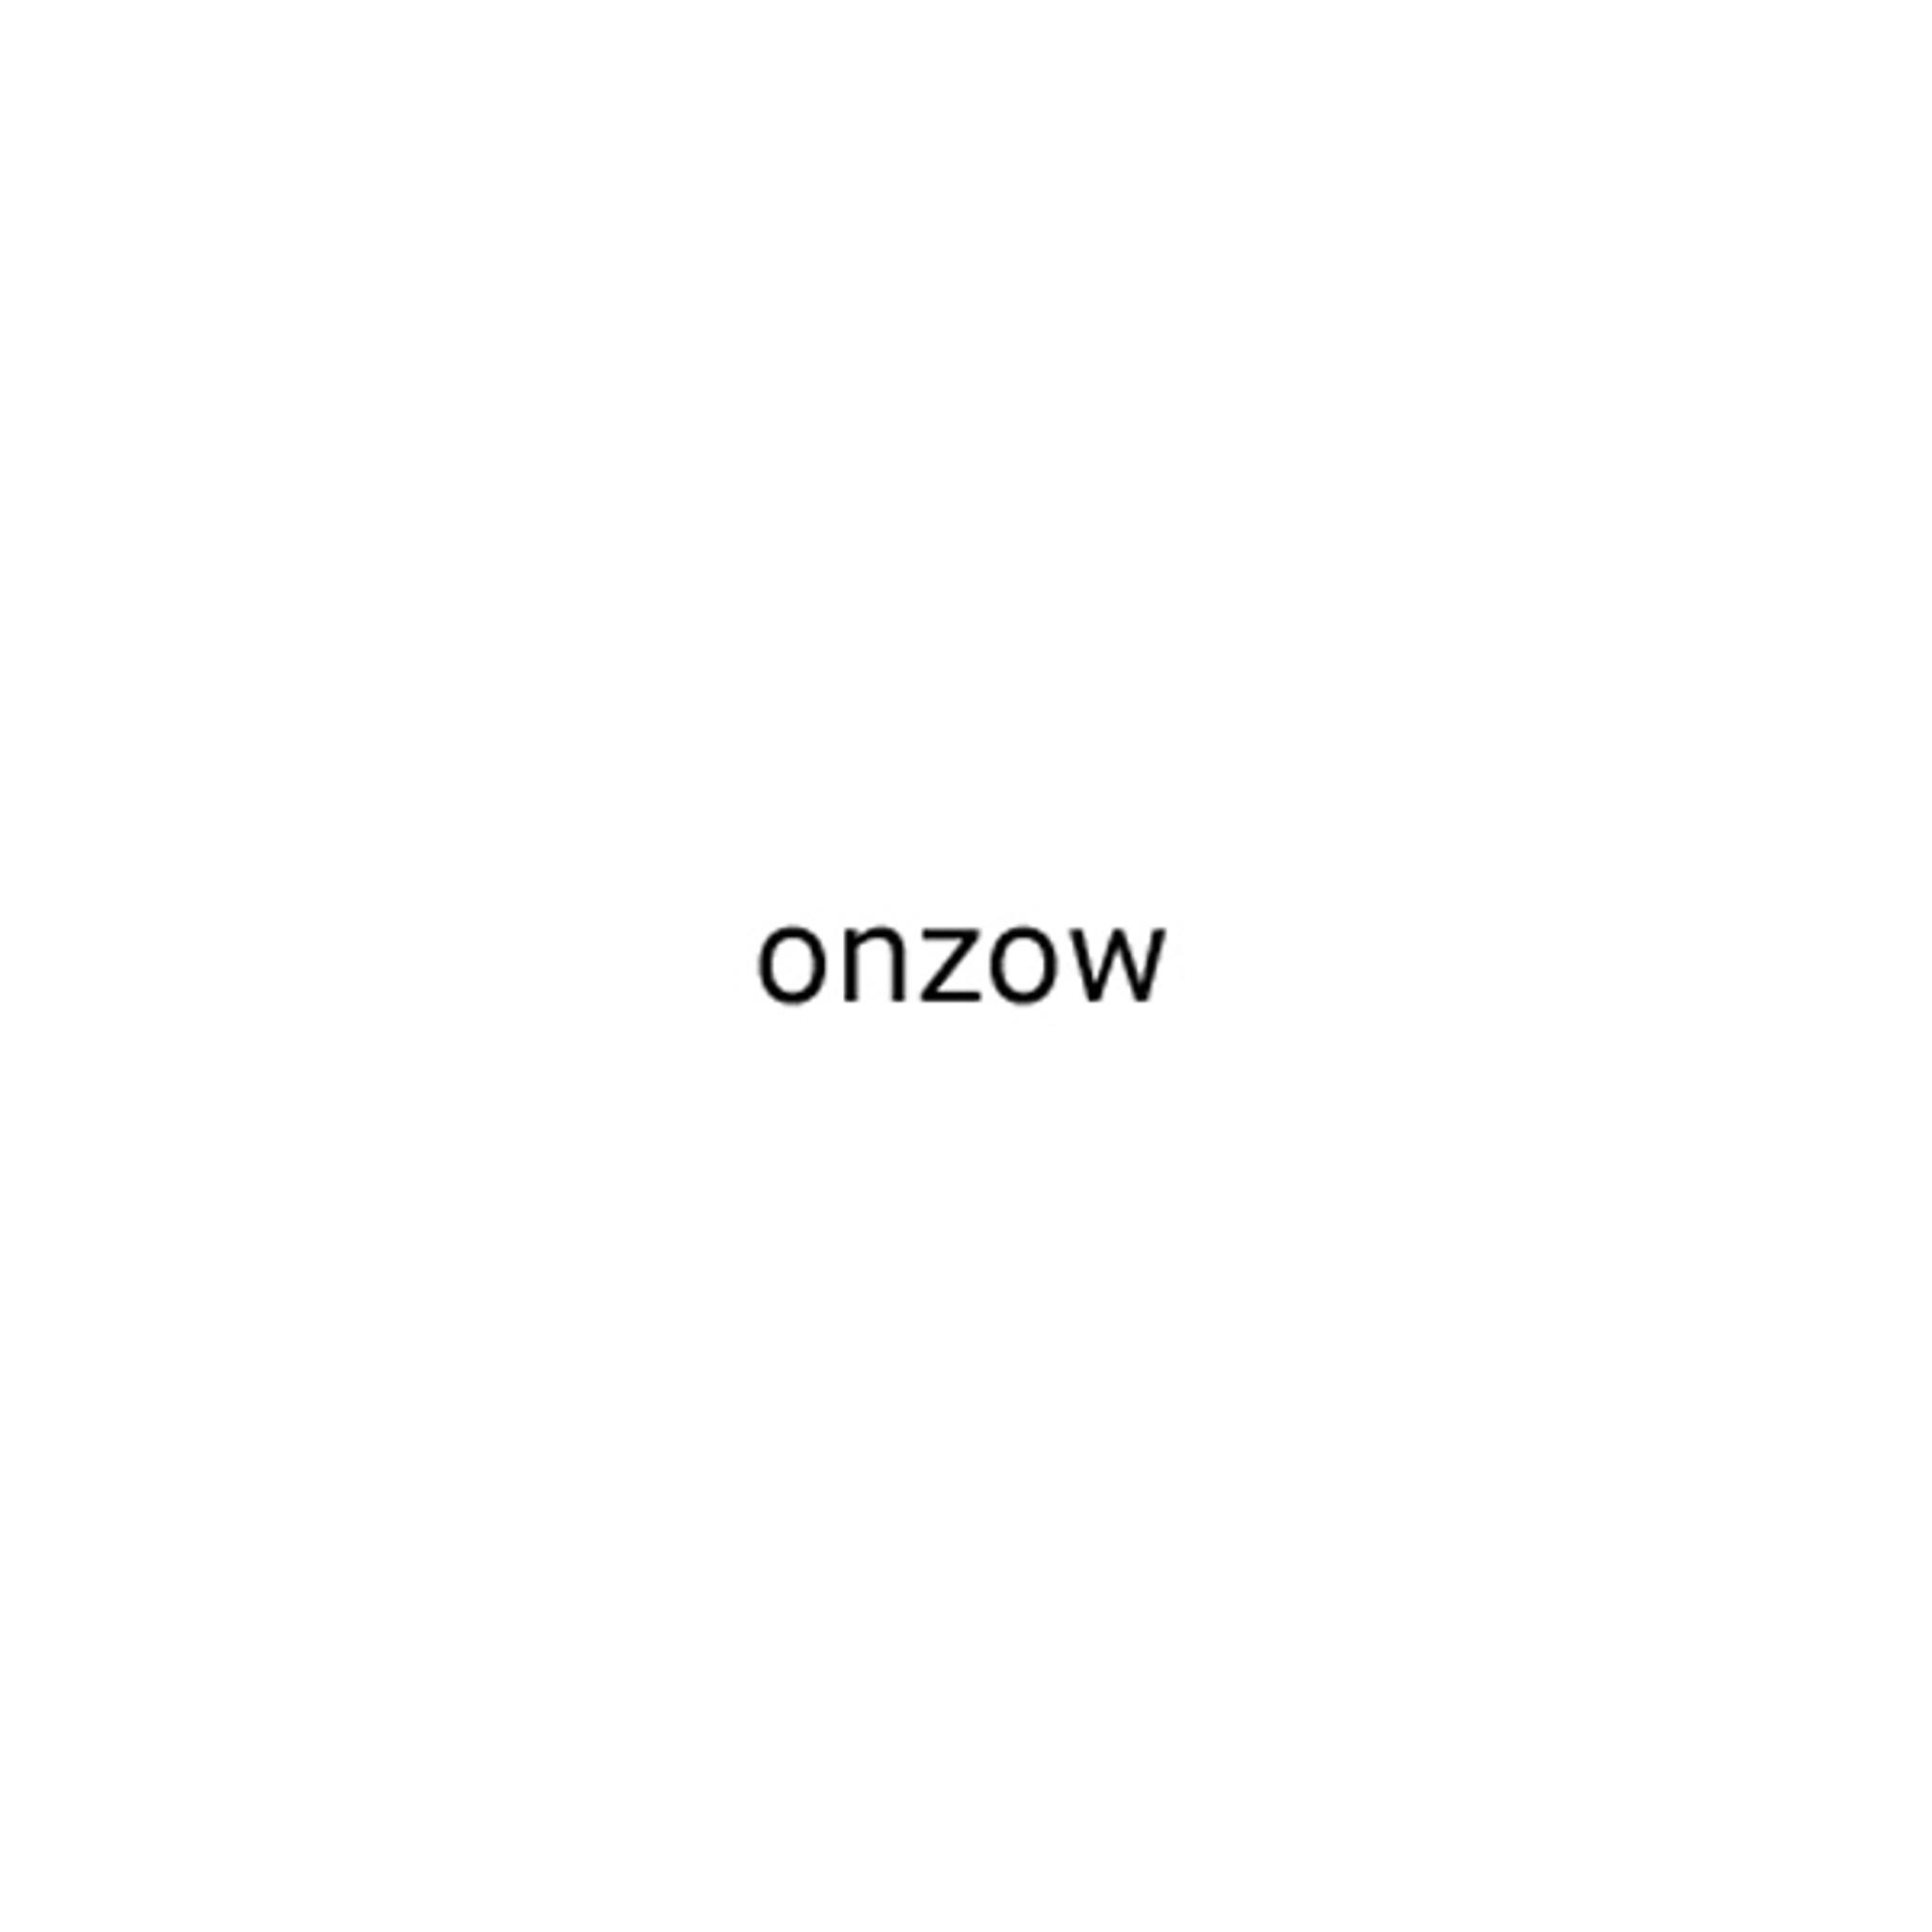 Onzow